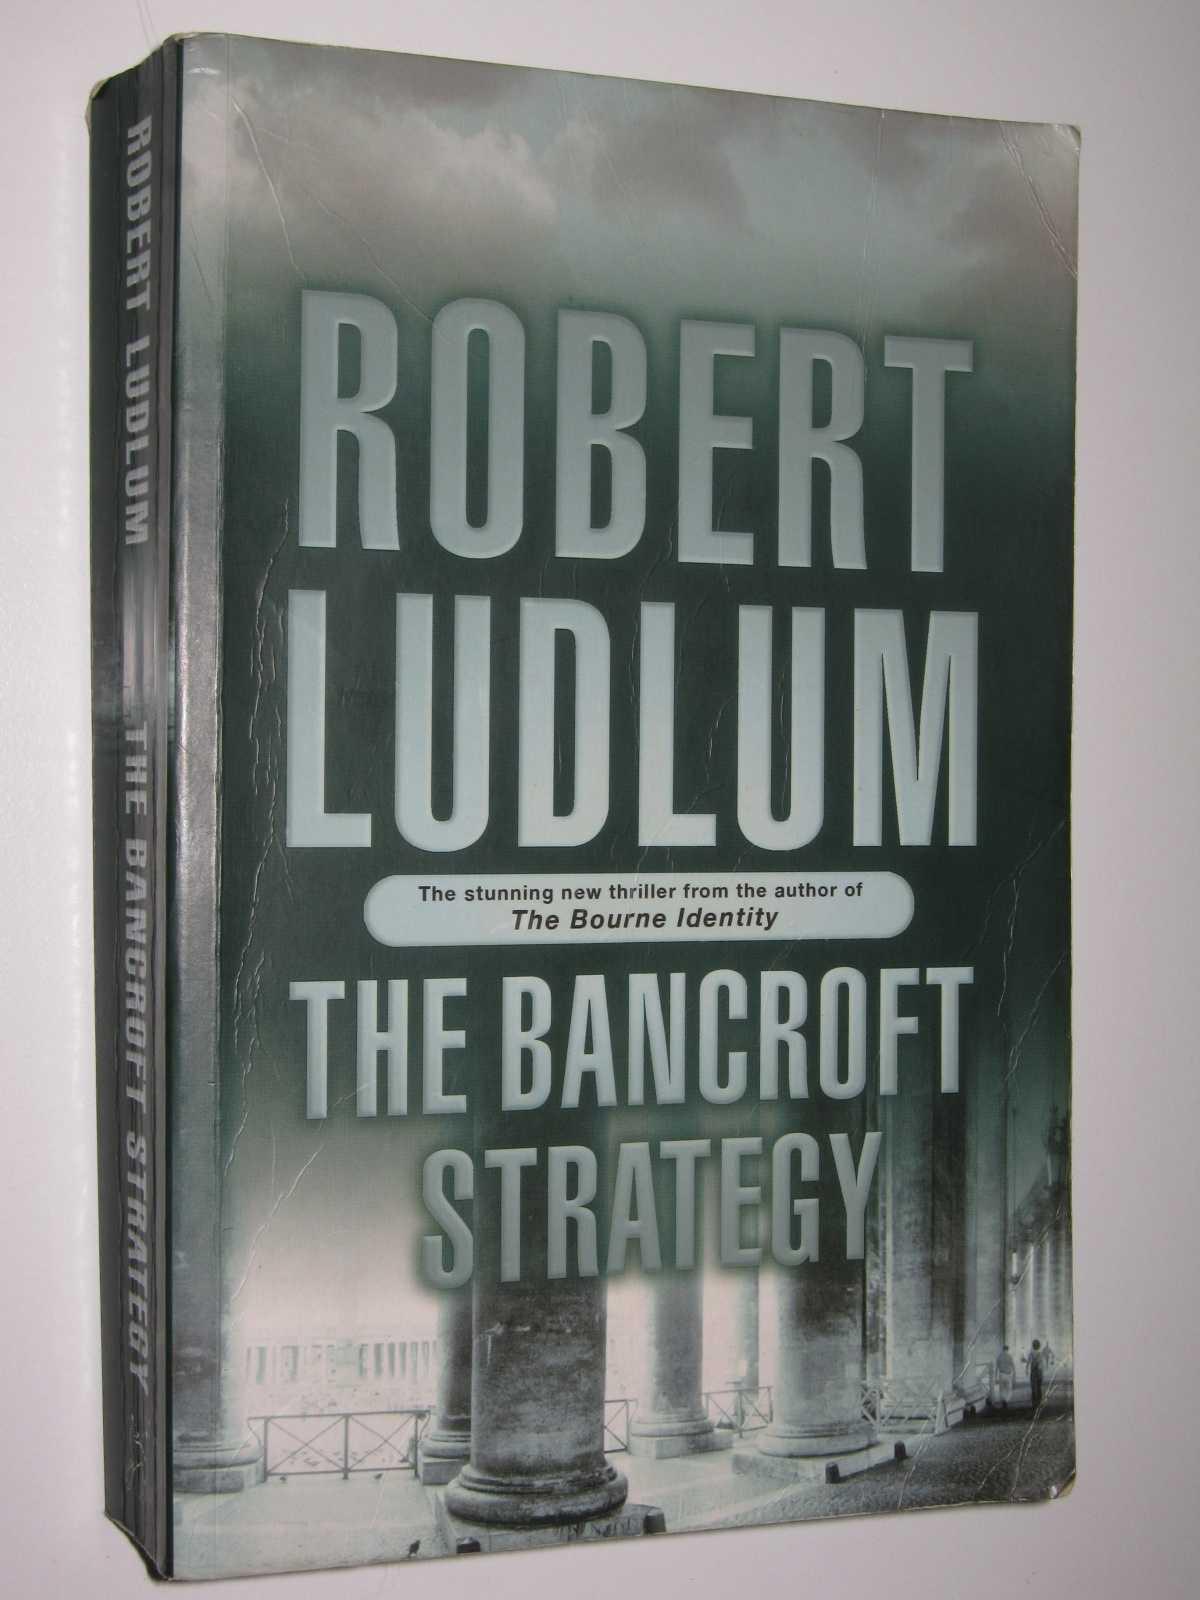 The Bancroft Strategy, Ludlum, Robert